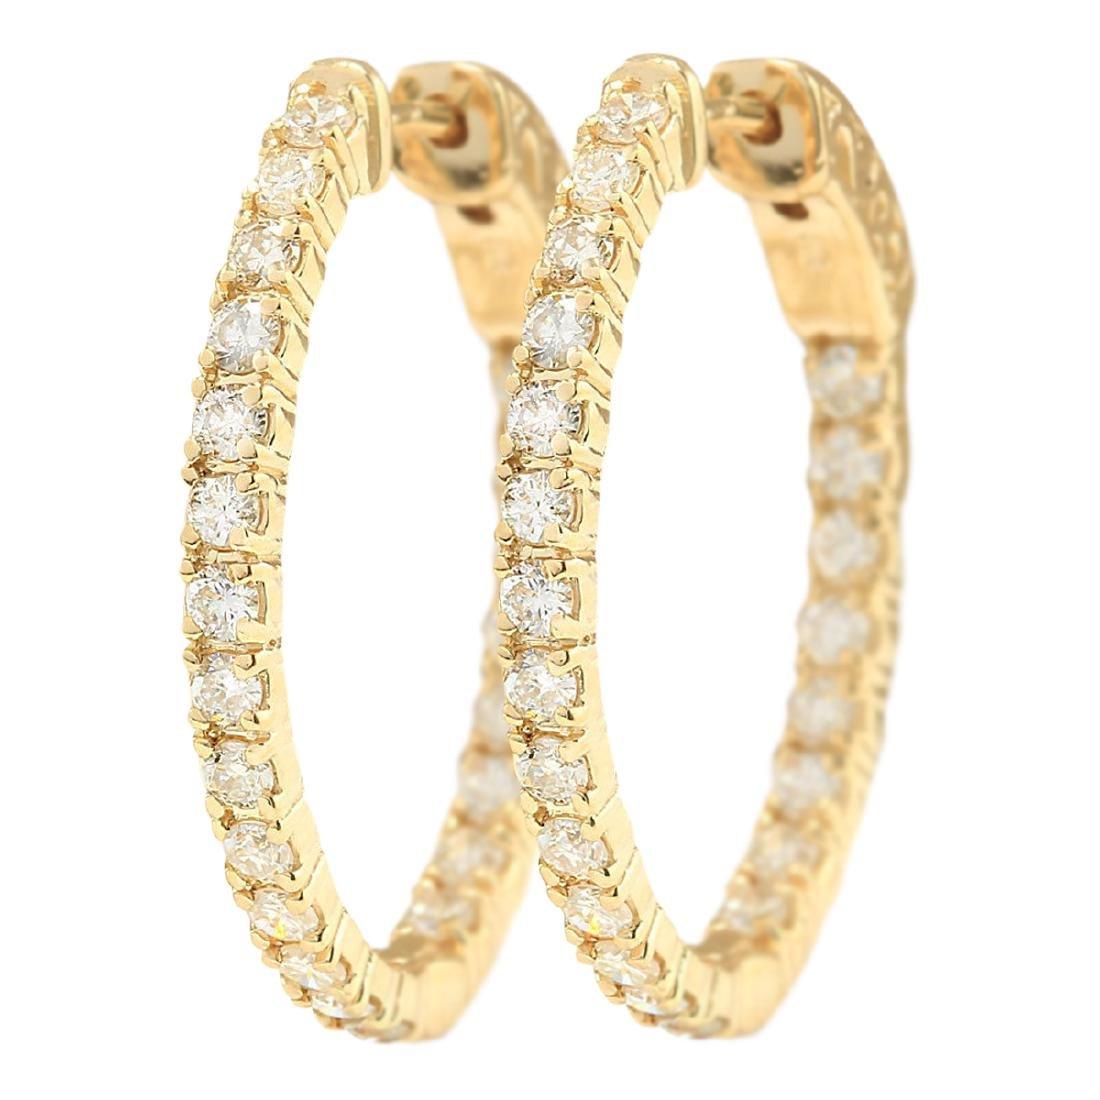 2.00 CTW Natural Diamond Hoop Earrings 18K Solid Yellow